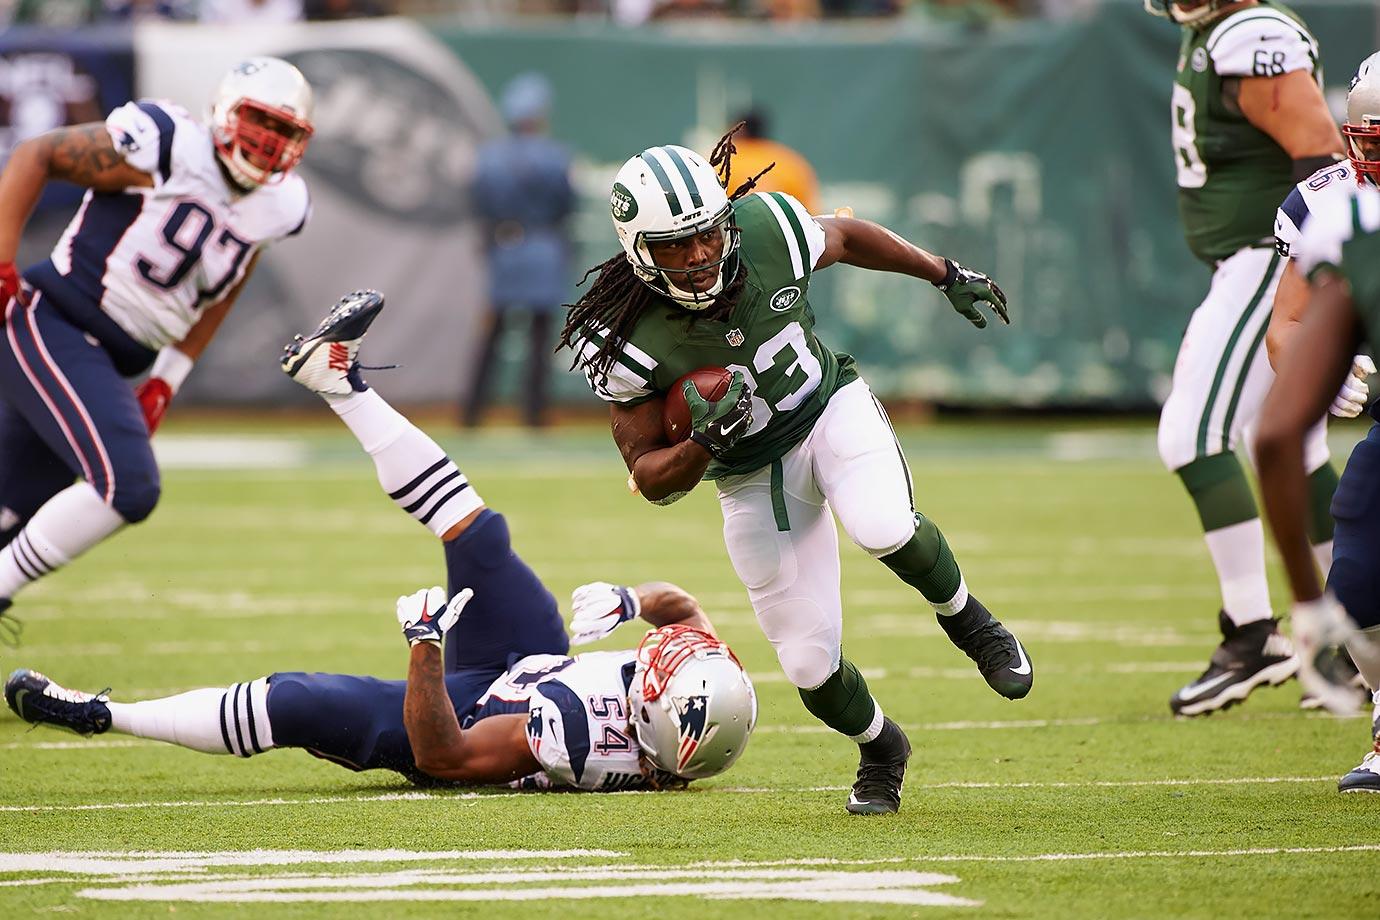 2015 Team: New York Jets — 2016 Team: Jacksonville Jaguars